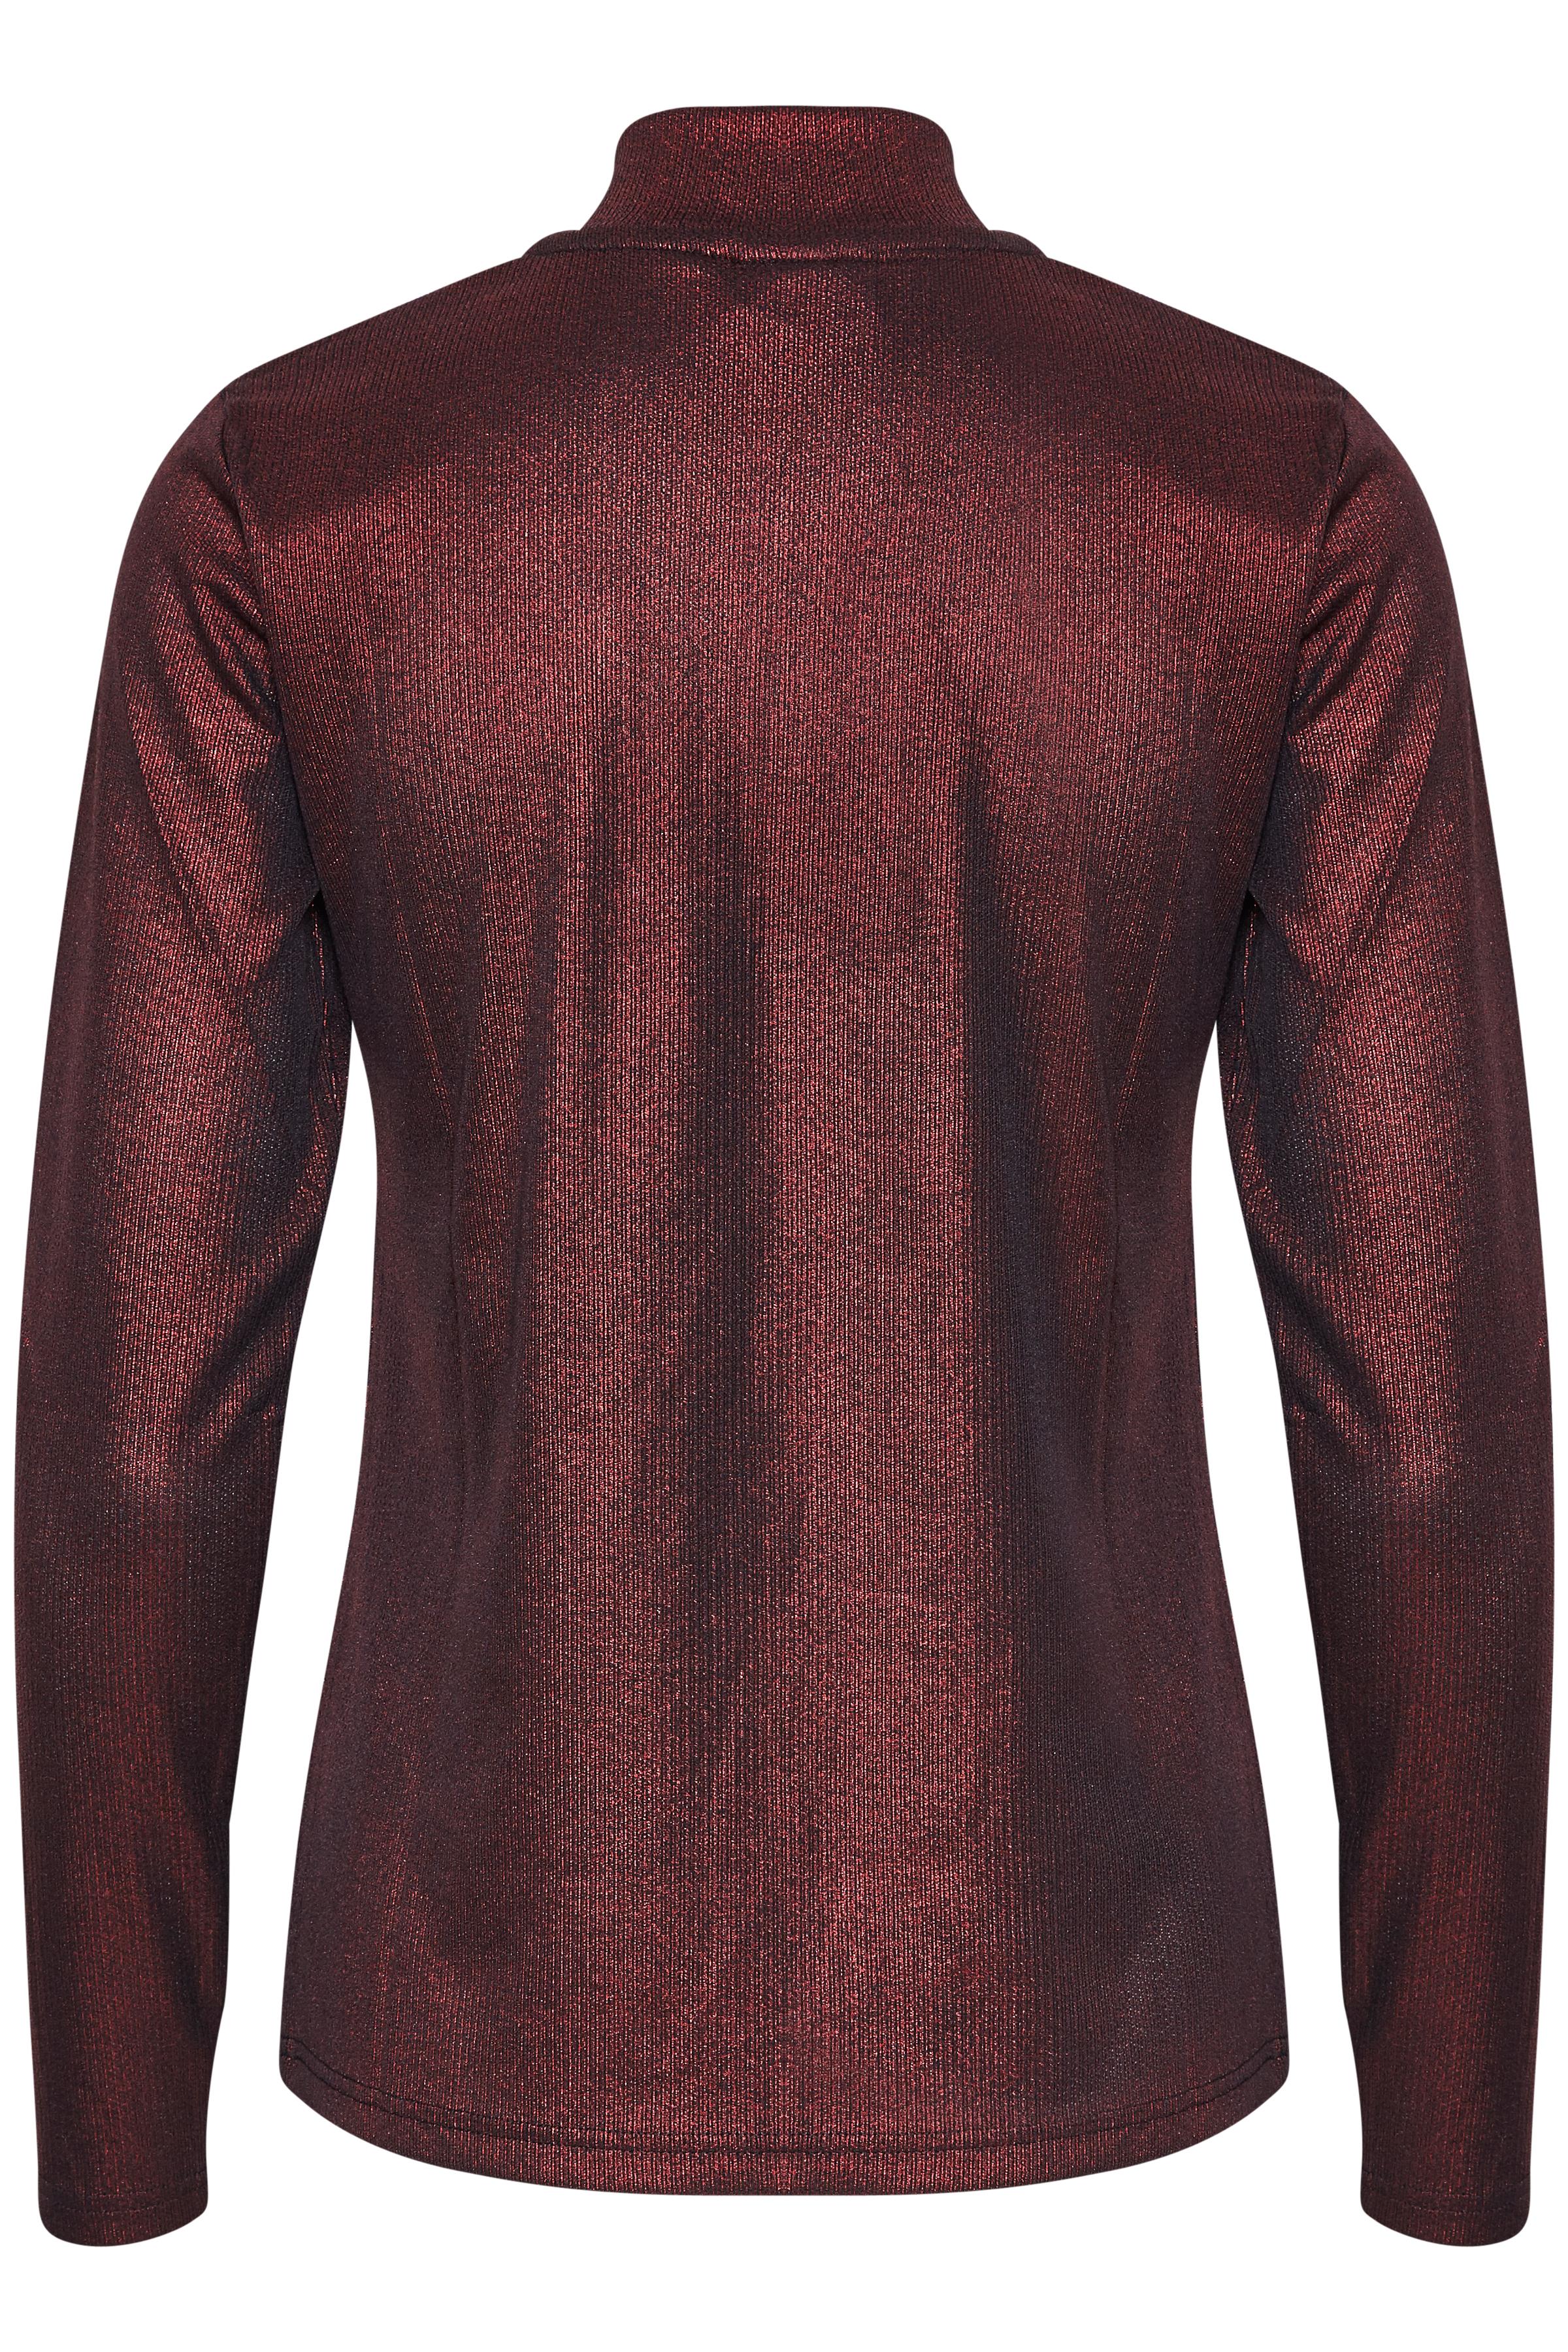 Mørkerød Langærmet T-shirt fra Kaffe – Køb Mørkerød Langærmet T-shirt fra str. XS-XXL her